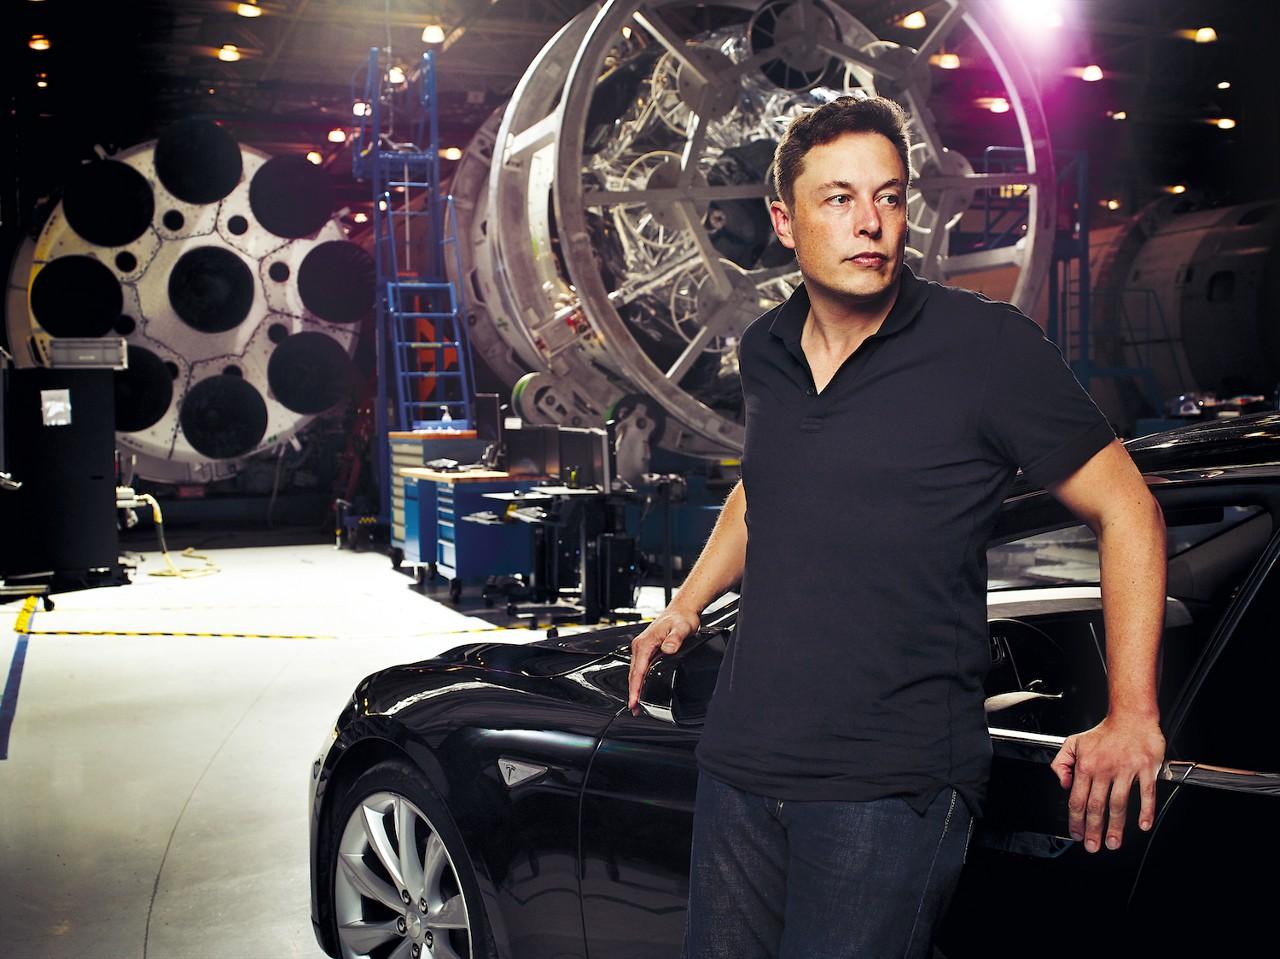 Маск, может быть, и эгоист, но рассуждает он трезво. По его словам, важны не сами инновации (или тем более патенты), а скорость их выдачи. Изобретай быстрее других — и сможешь жить и работать без патентов. Не этим ли занимаются все его бизнесы?